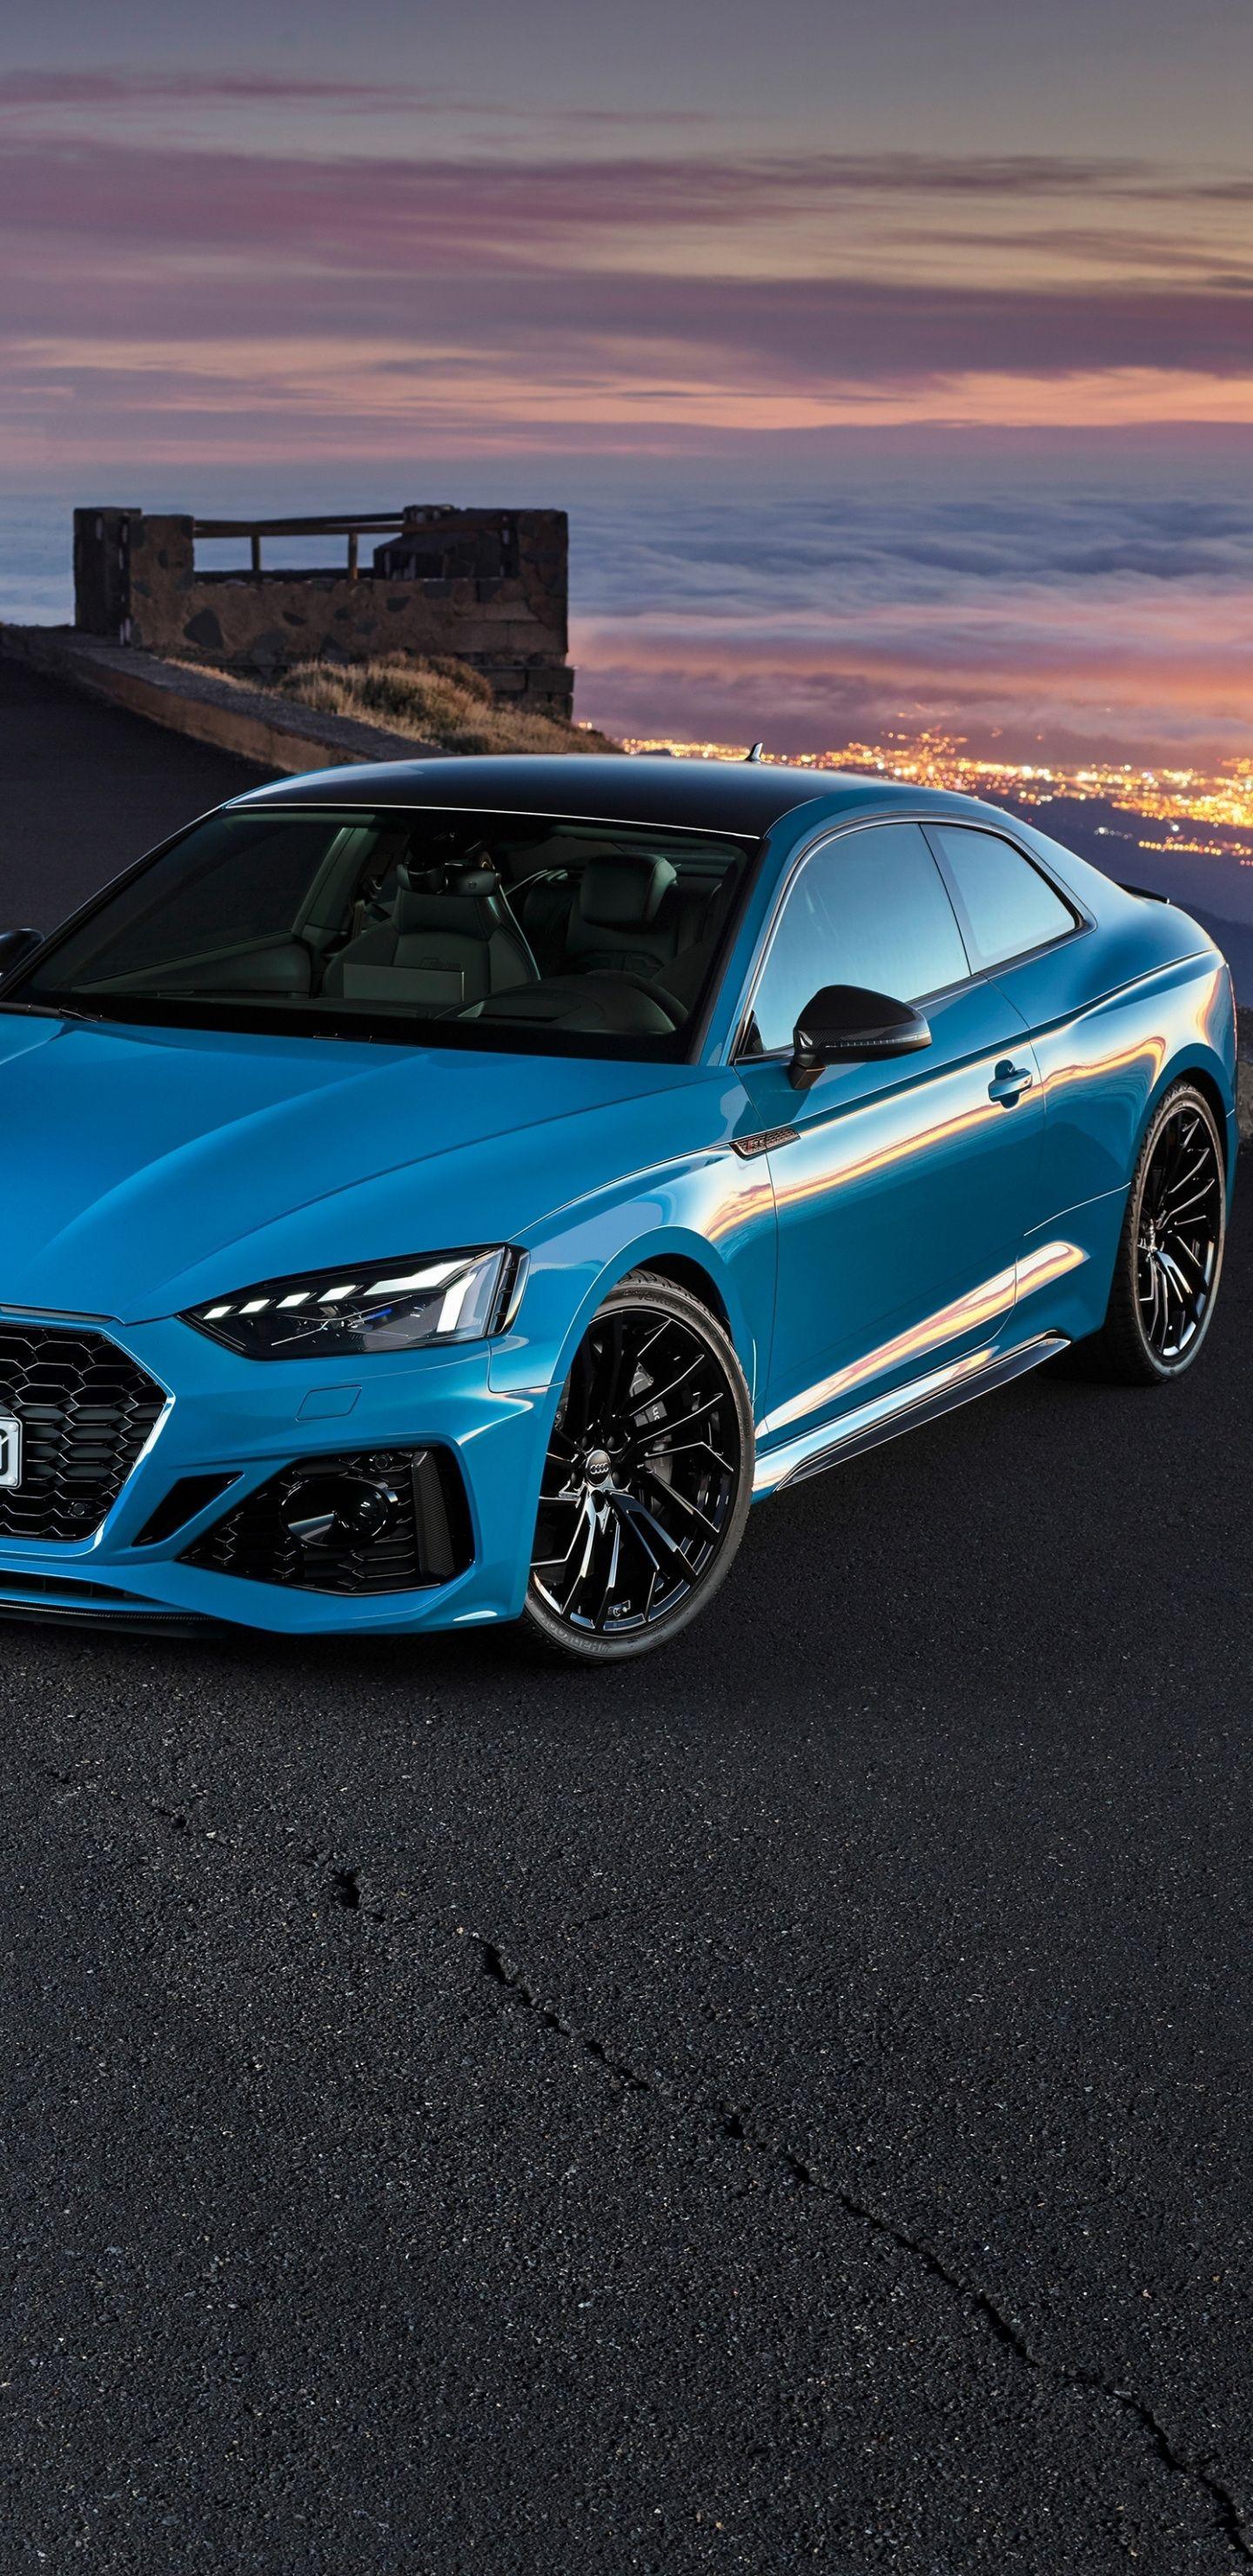 1440x2960 Blue Sedan Audi Rs5 Wallpaper Audi Rs5 Wallpaper Audi Rs5 Audi